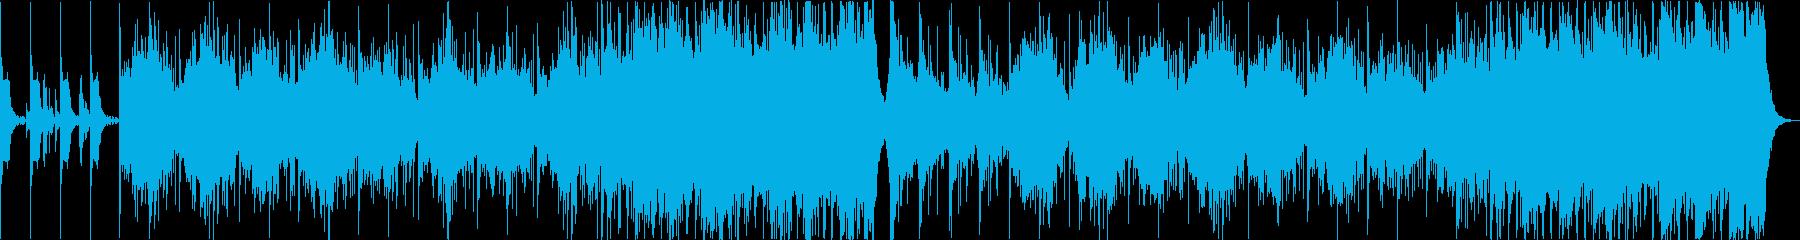 民族音楽系ダンジョンBGMの再生済みの波形